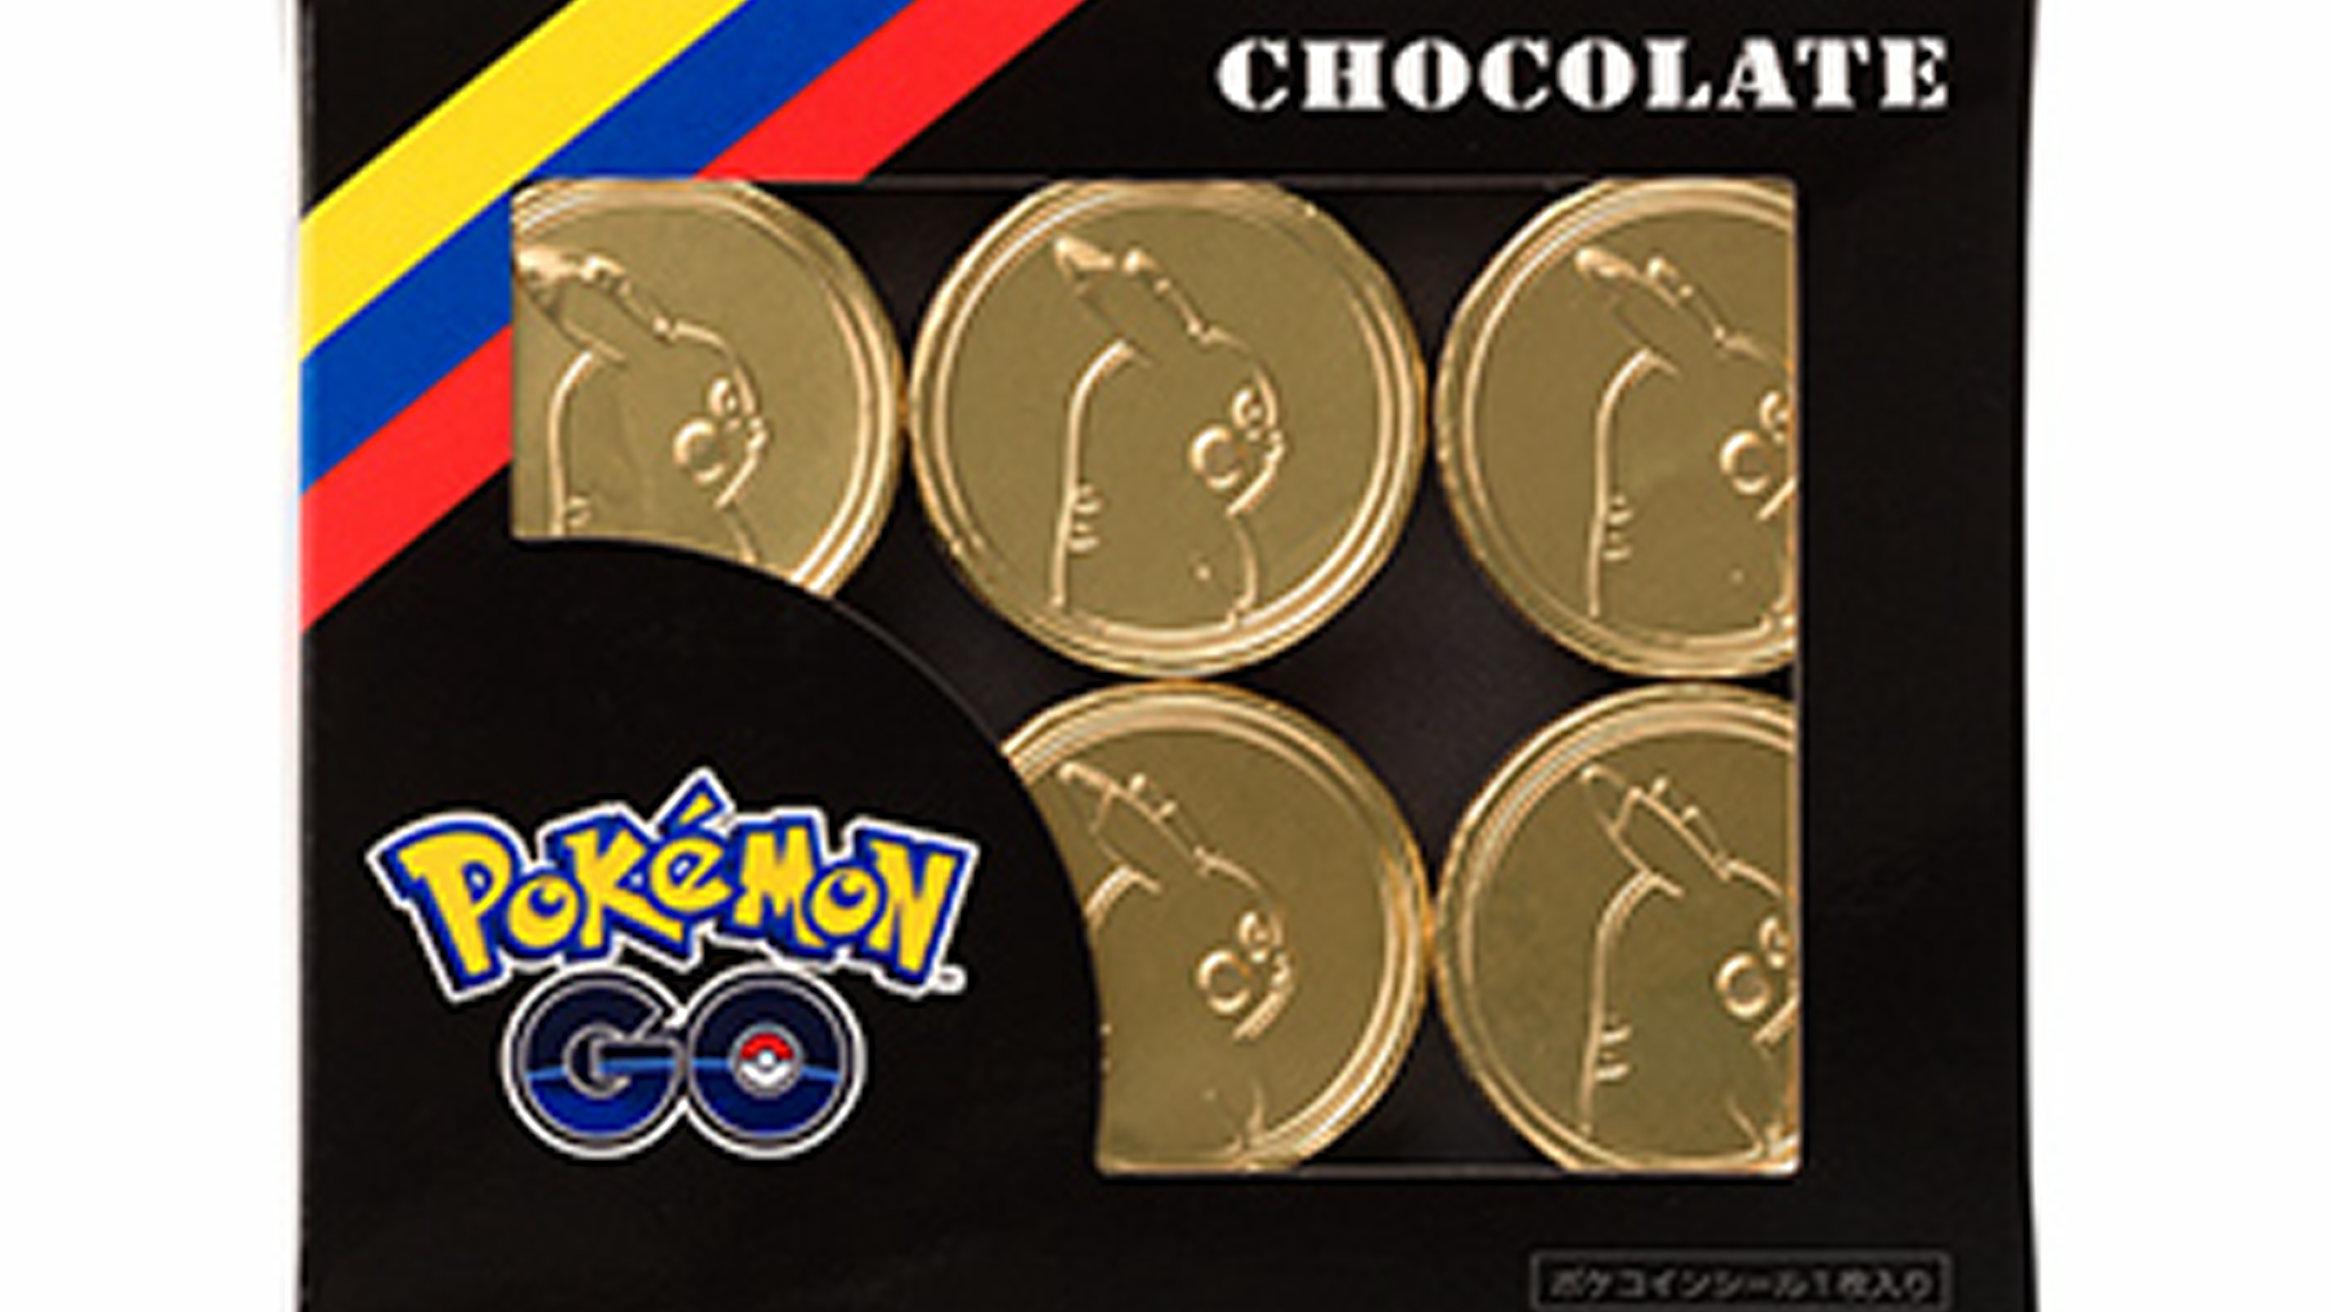 ポケモンGO、ギフトのキャンディやゲーム内アイテム商品化